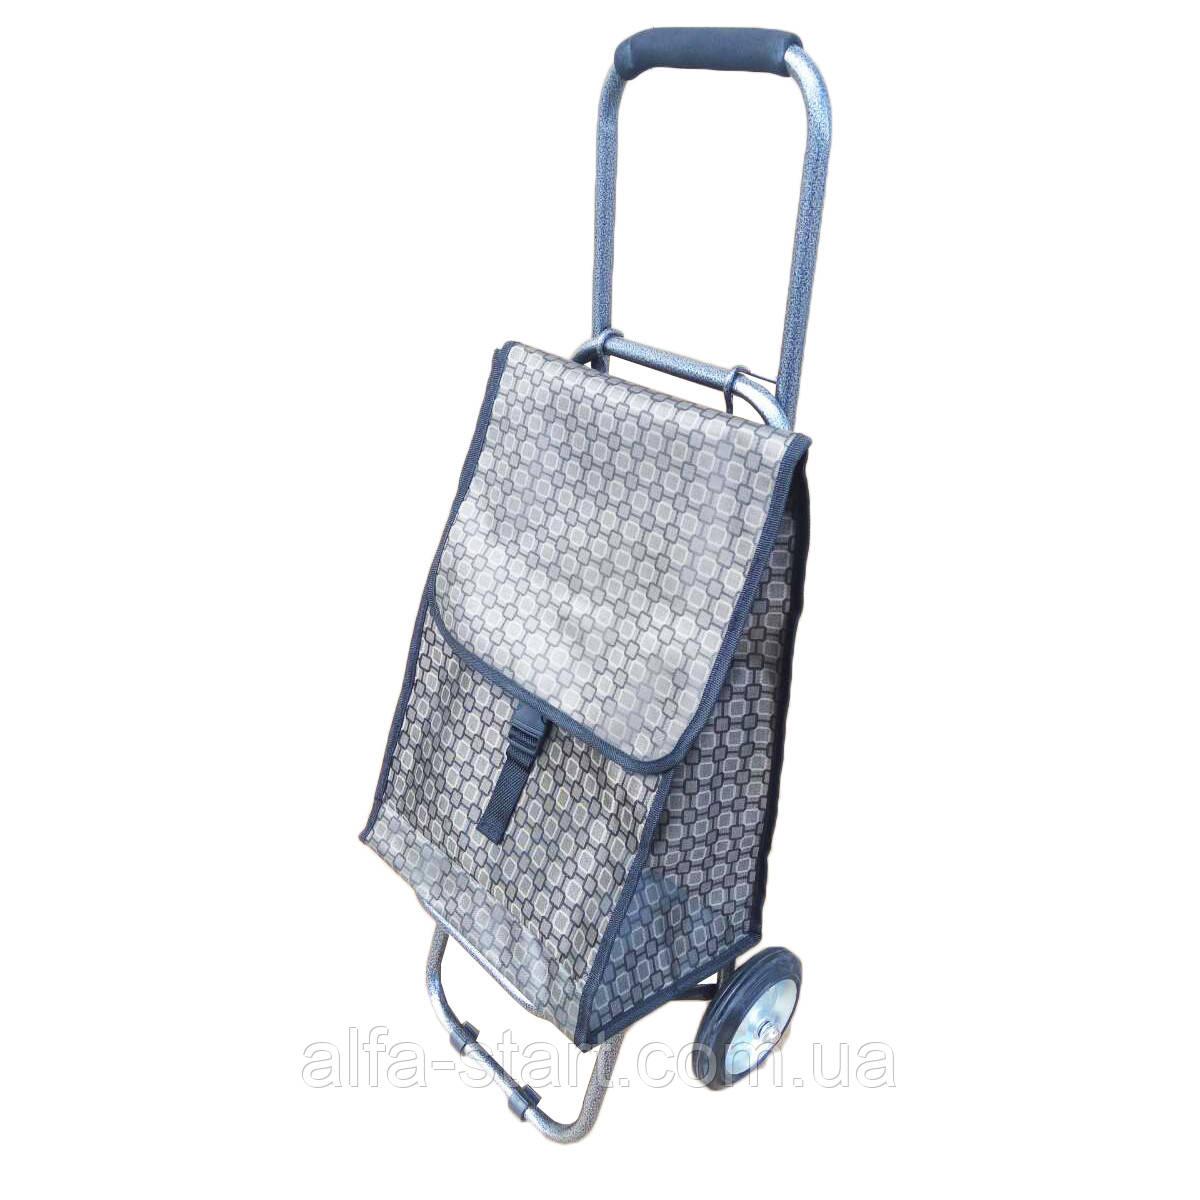 aa24d648fcd8 Хозяйственная сумка Тележка цветная на металлических колёсах для покупок,  фото 1